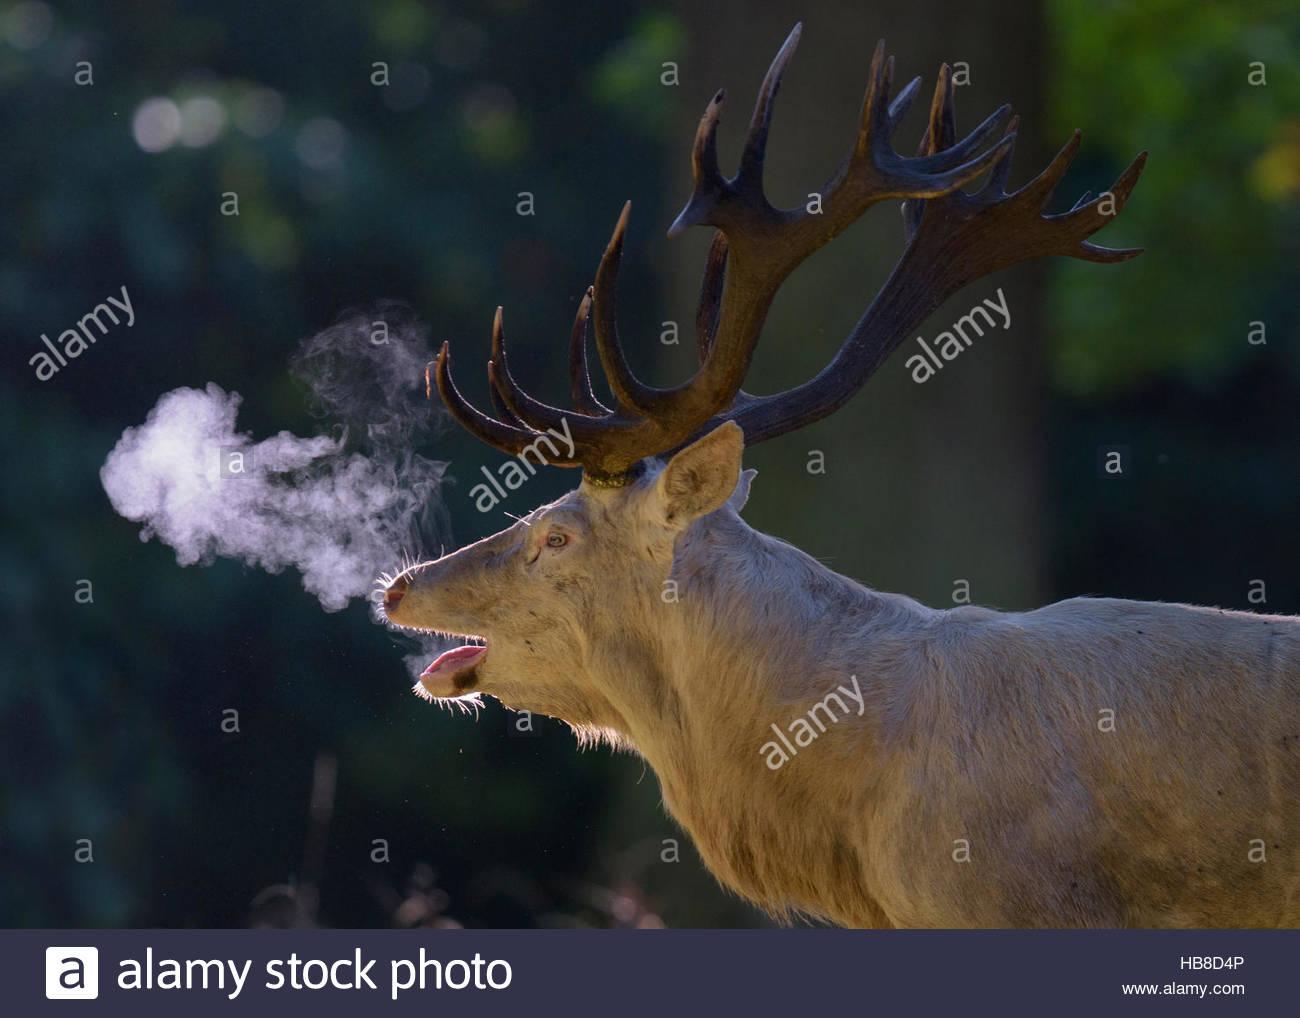 Red Deer (Cervus elaphus), l'orniérage stag, forme blanche, belling, rétroéclairé, souffle Photo Stock